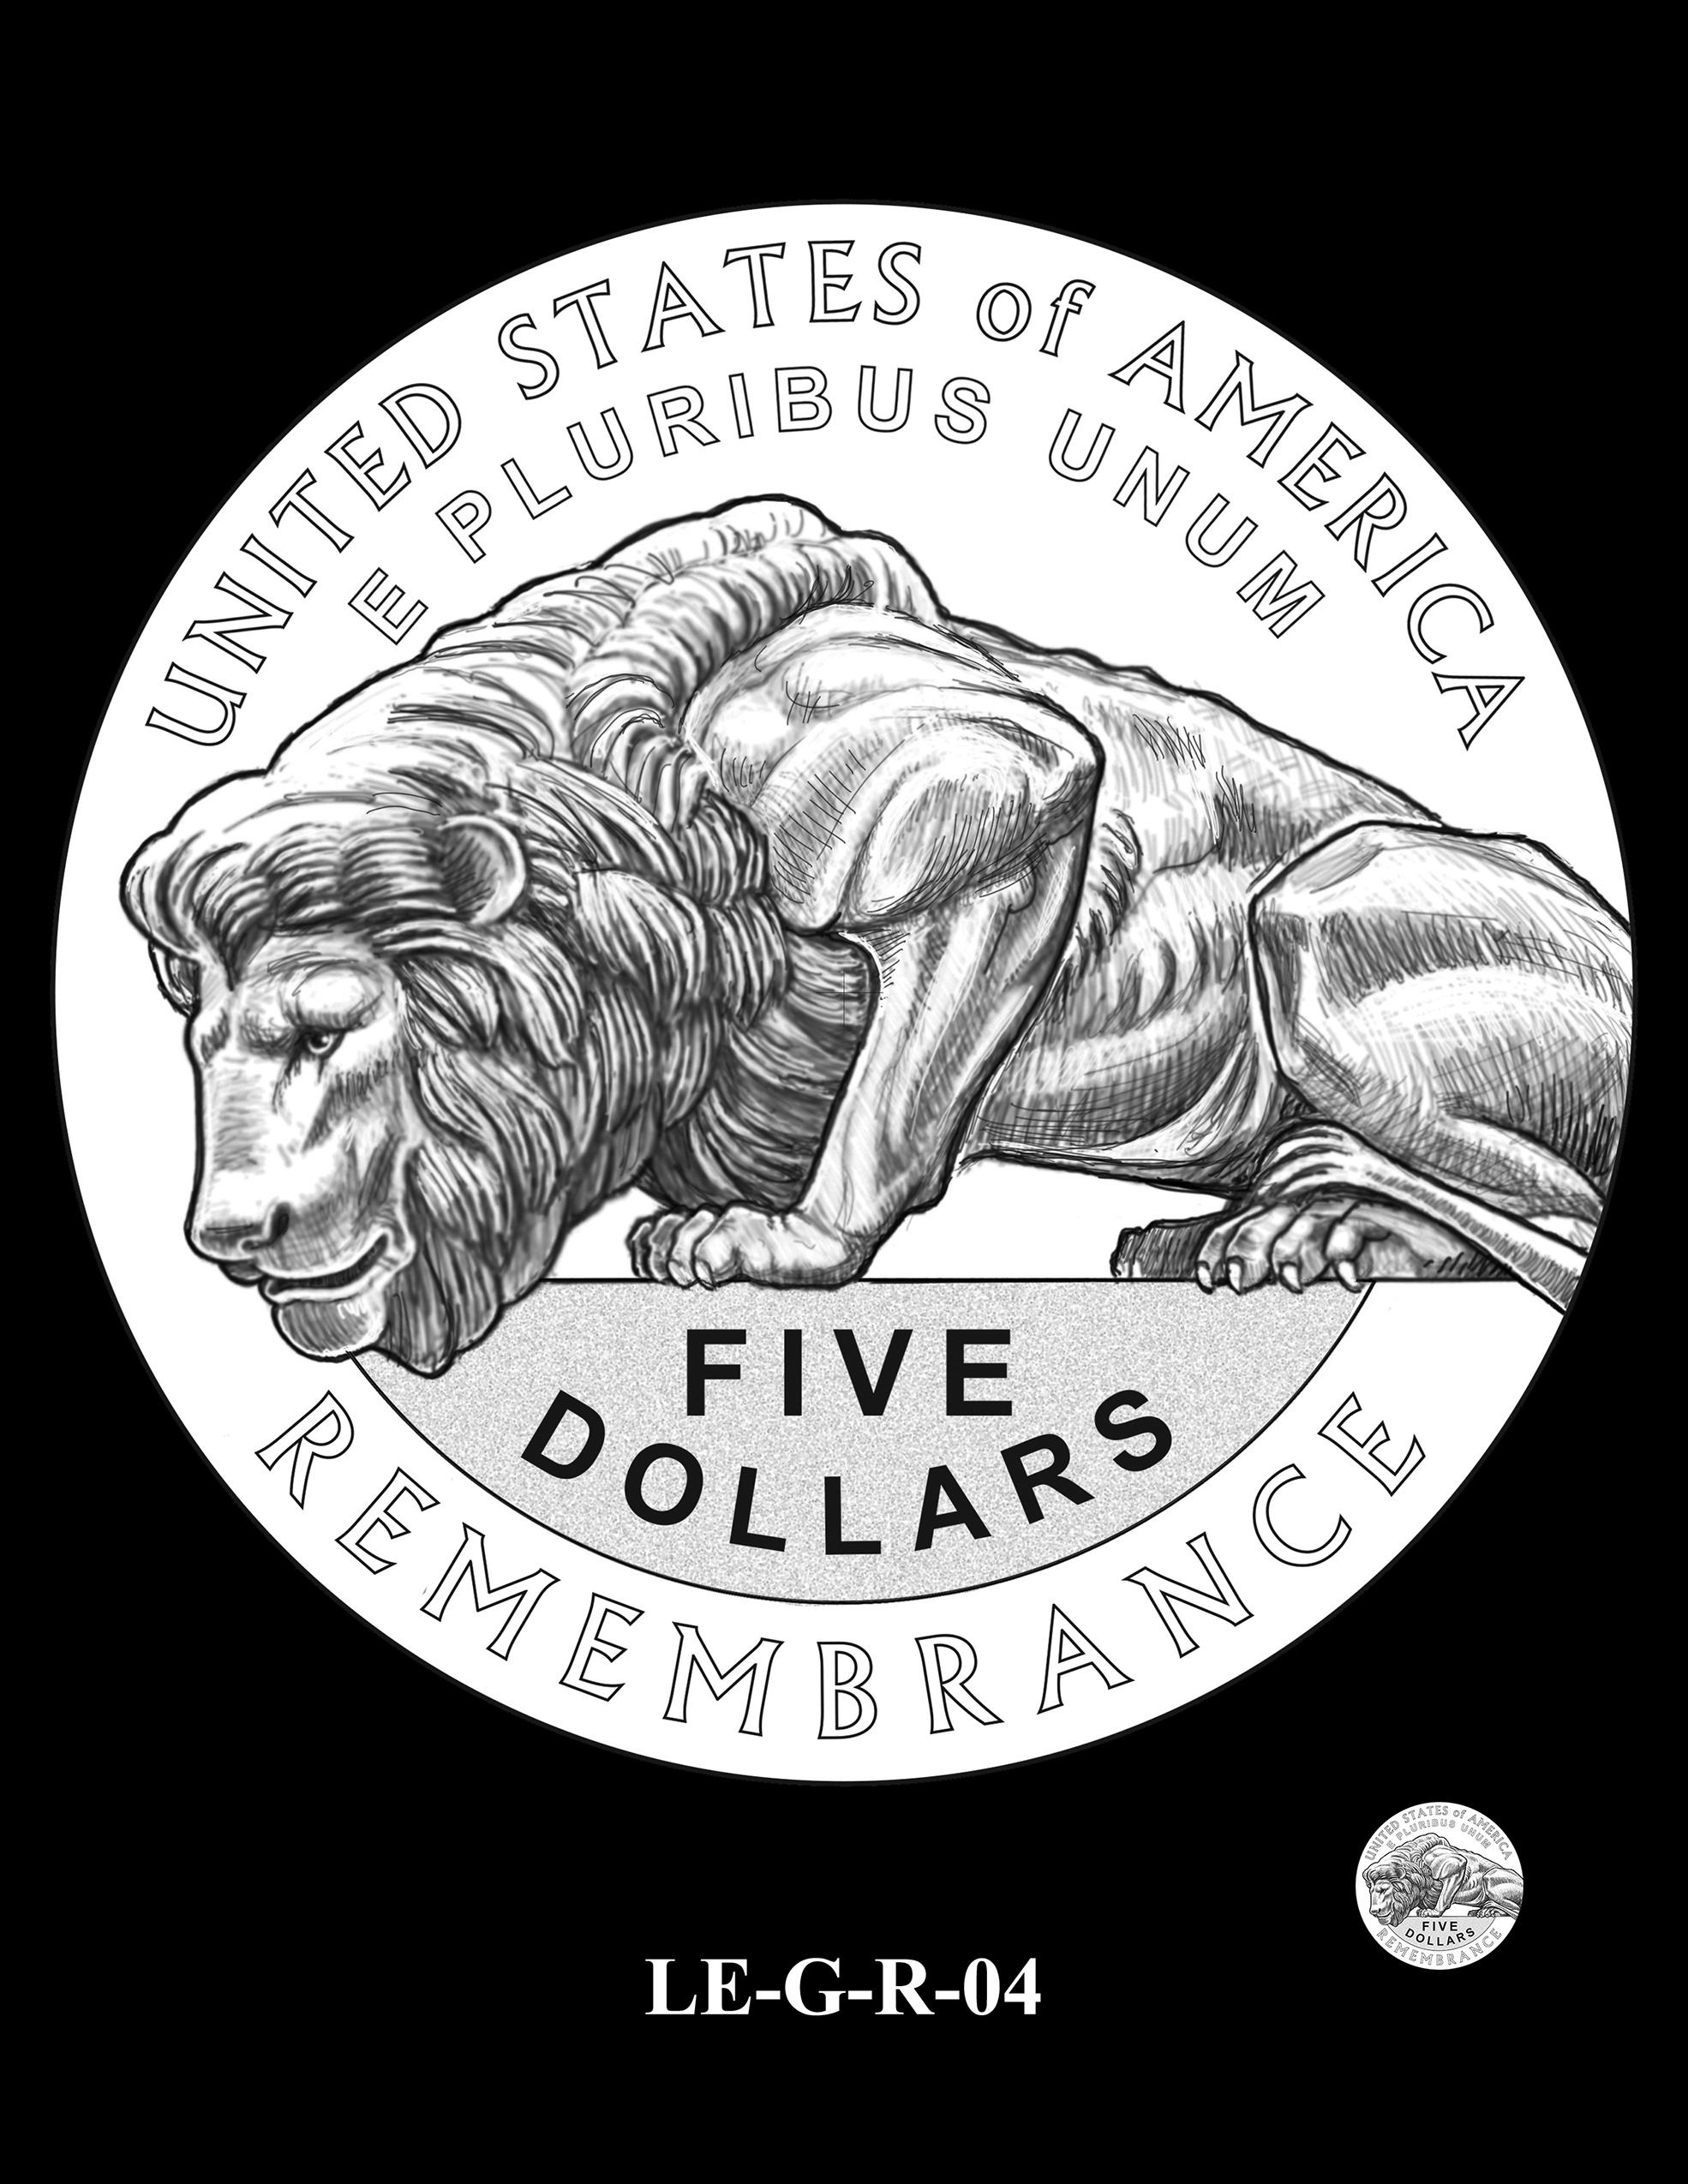 LE-G-R-04 -- National Law Enforcement Museum Commemorative Coin Program